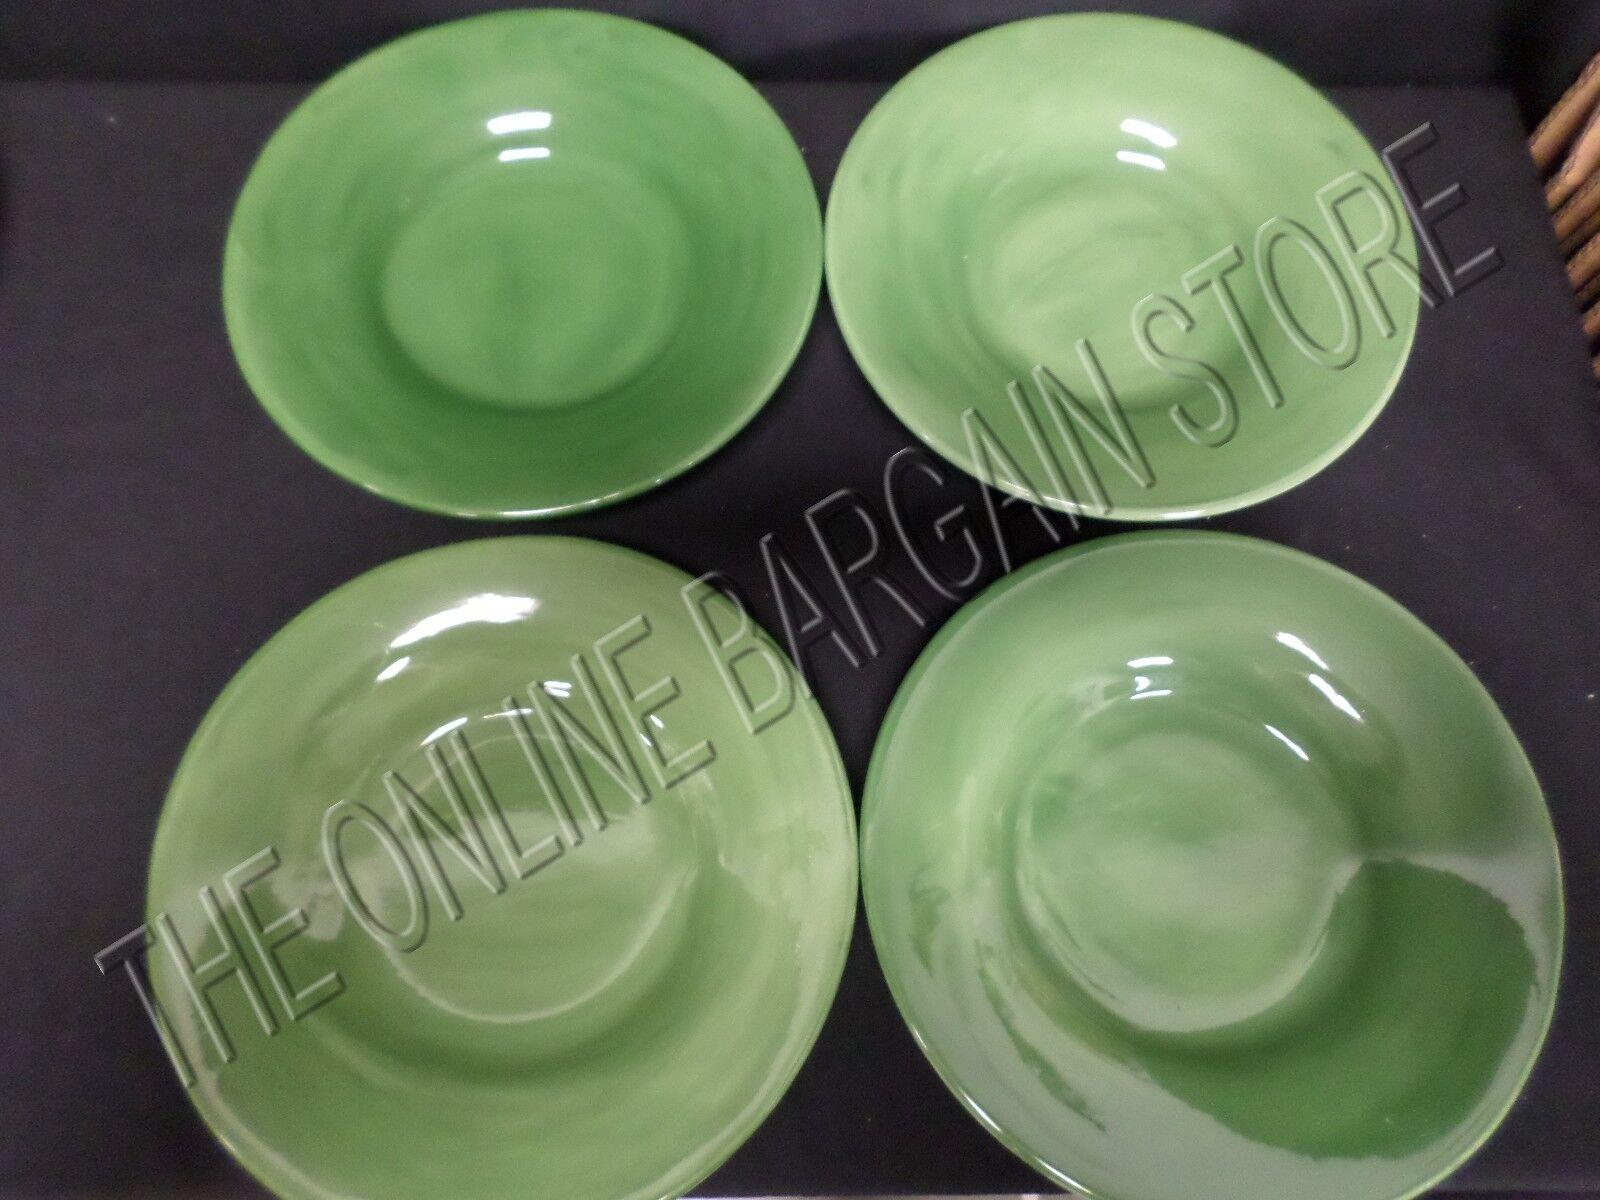 4 Pottery Barn Sausalito cuisine salle à manger la soupe saladiers vert olive émaillé 10